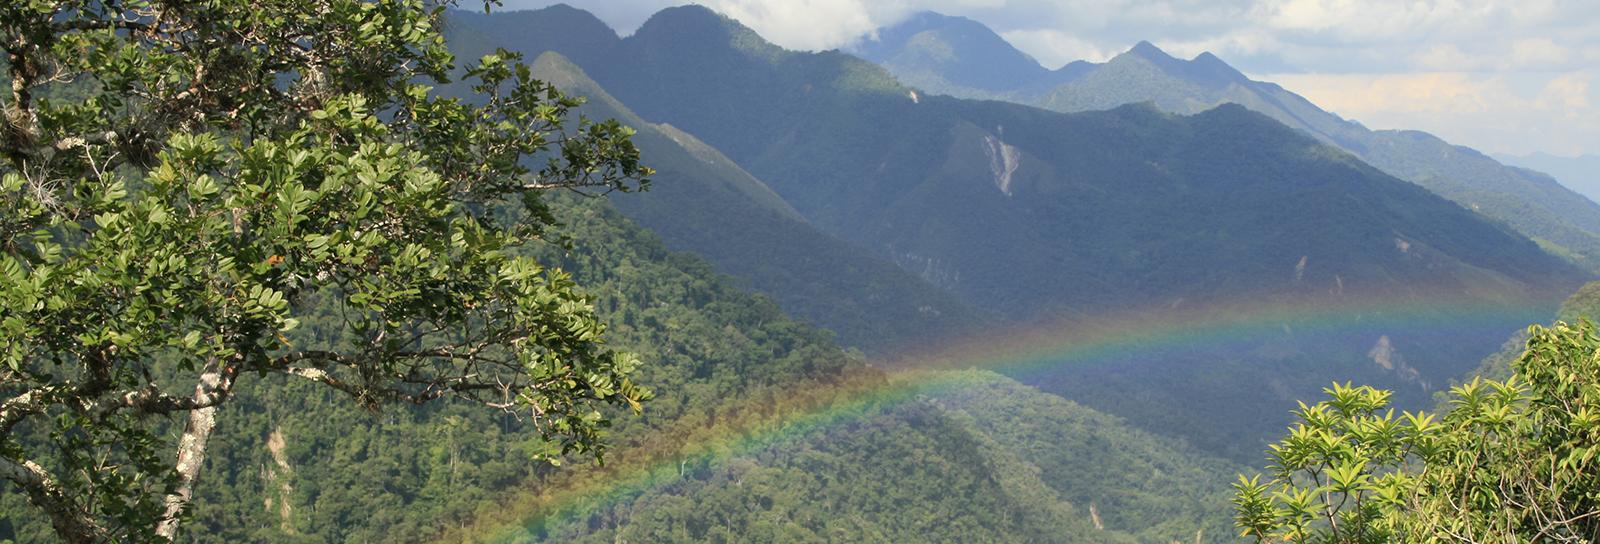 Guia Nômades: 10 dicas para descobrir o Peru para além de Machu Picchu